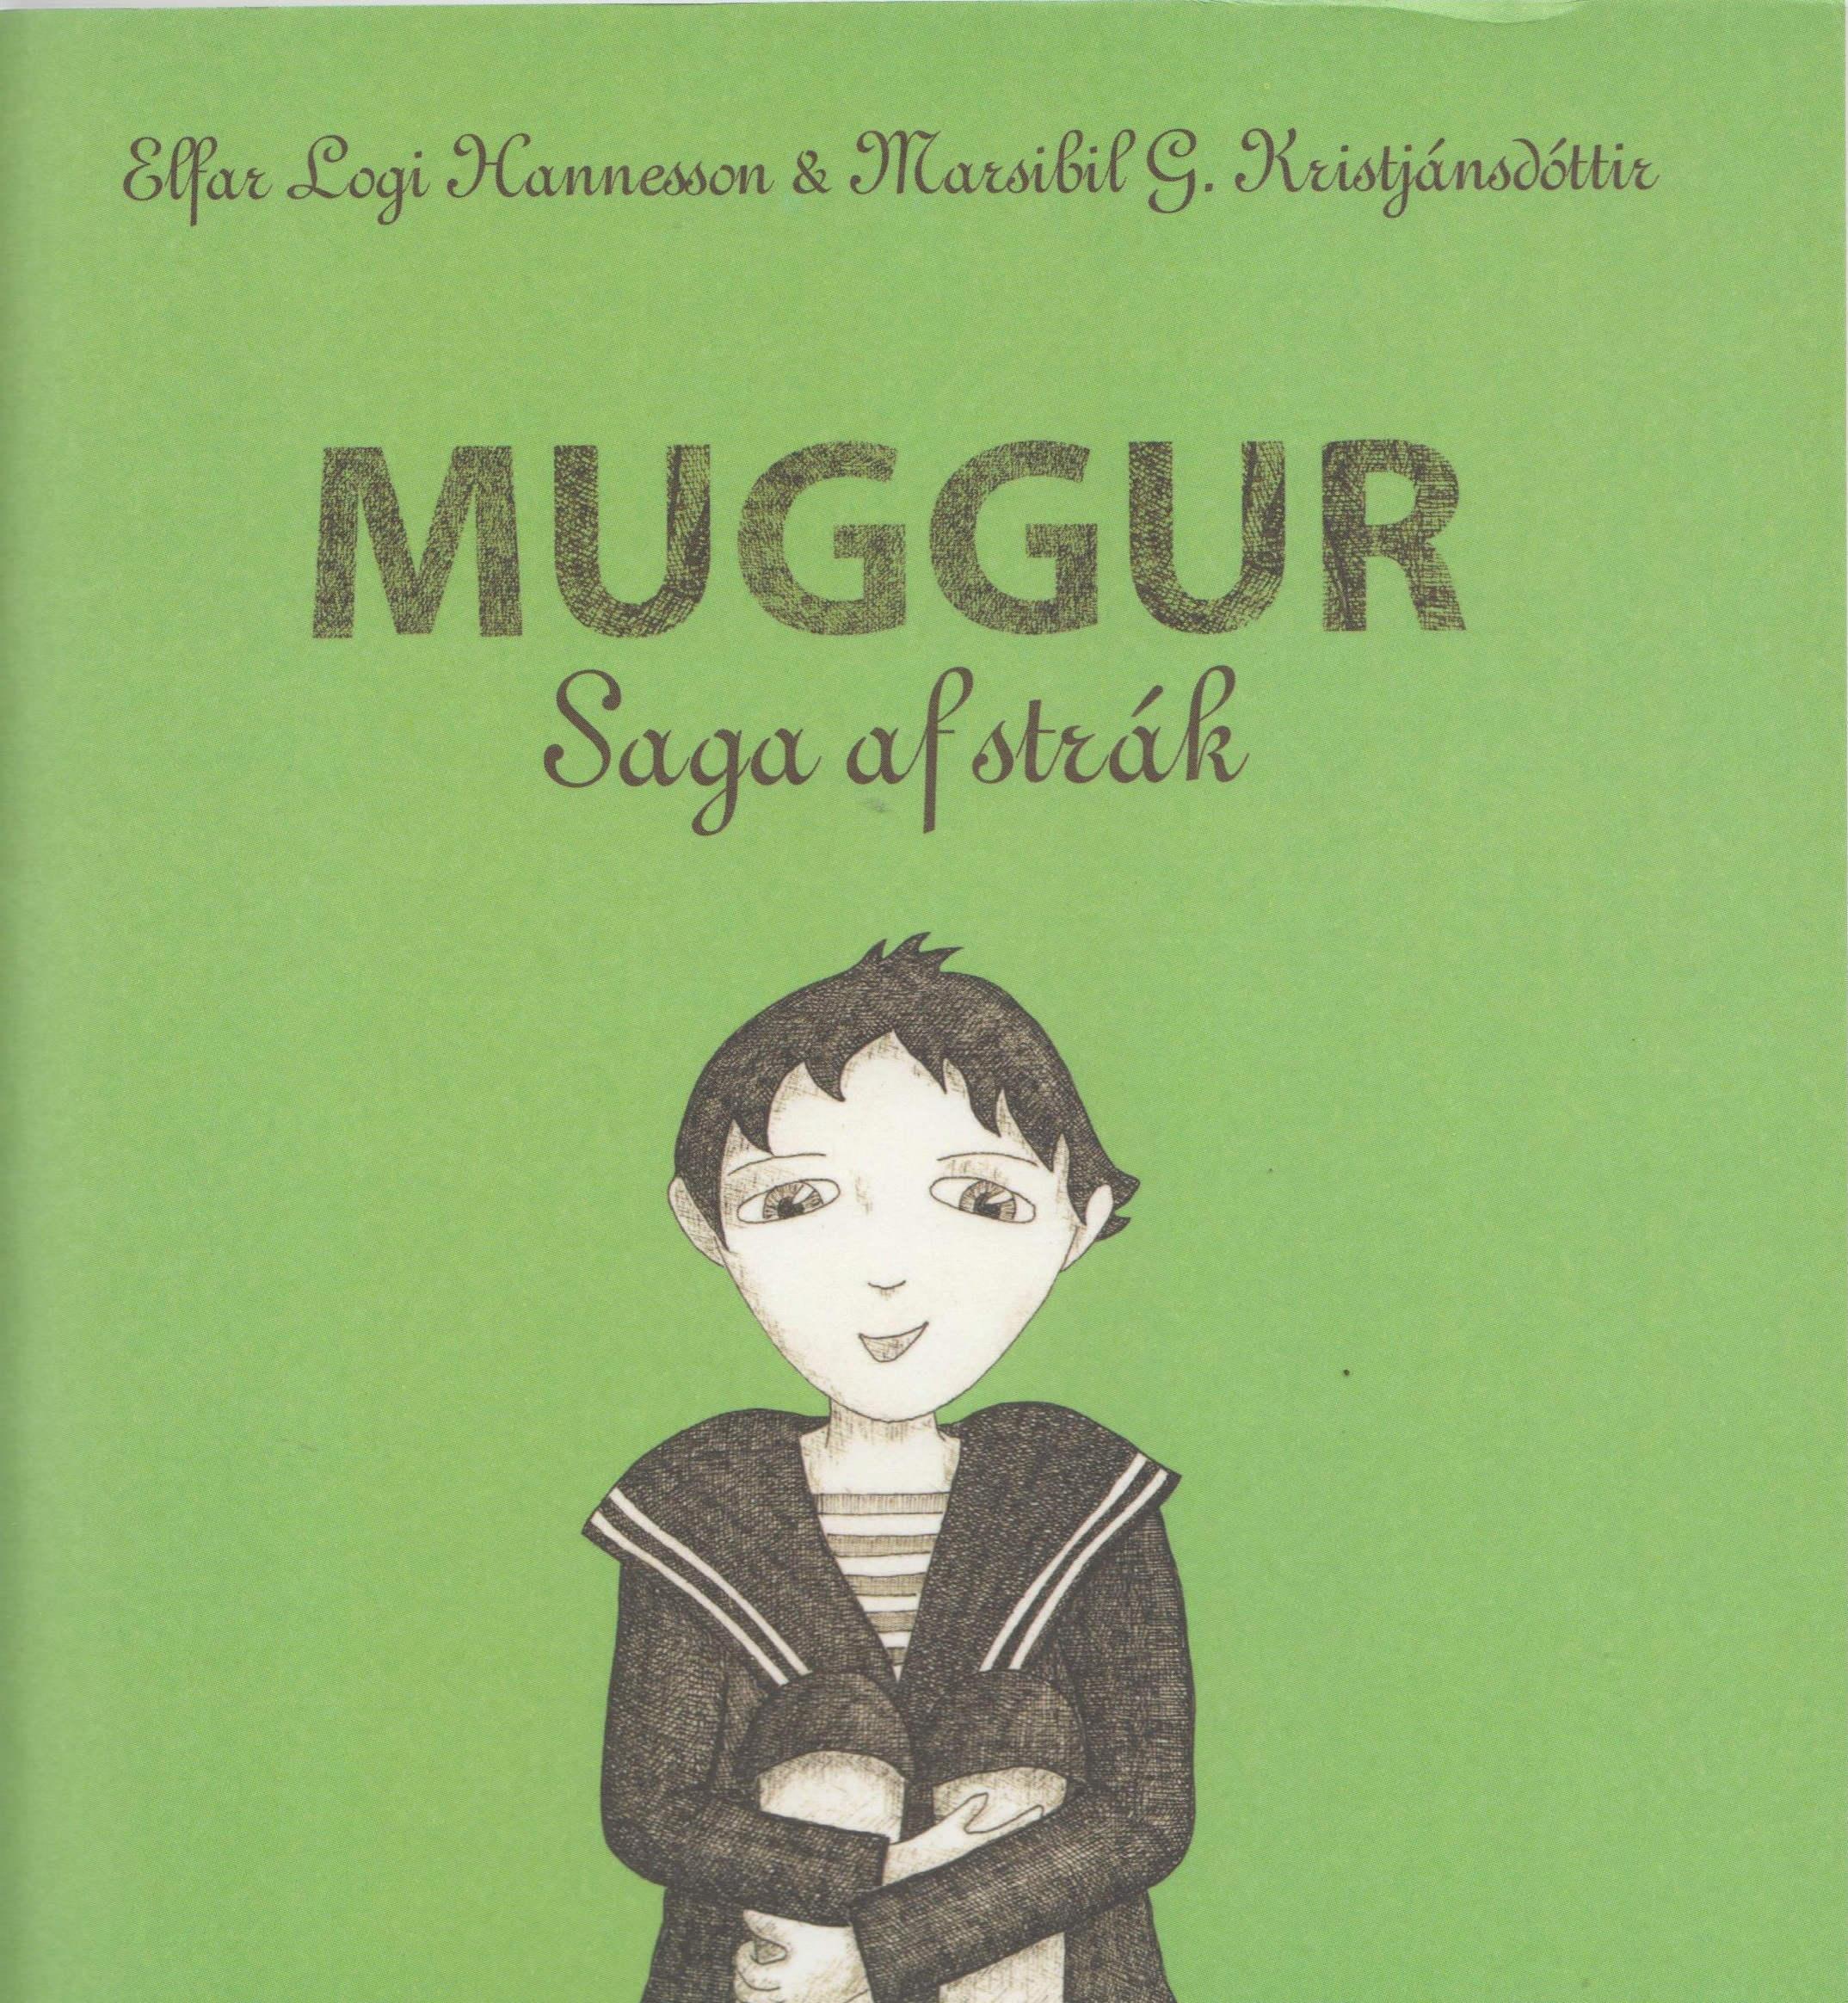 Muggur - saga af strák